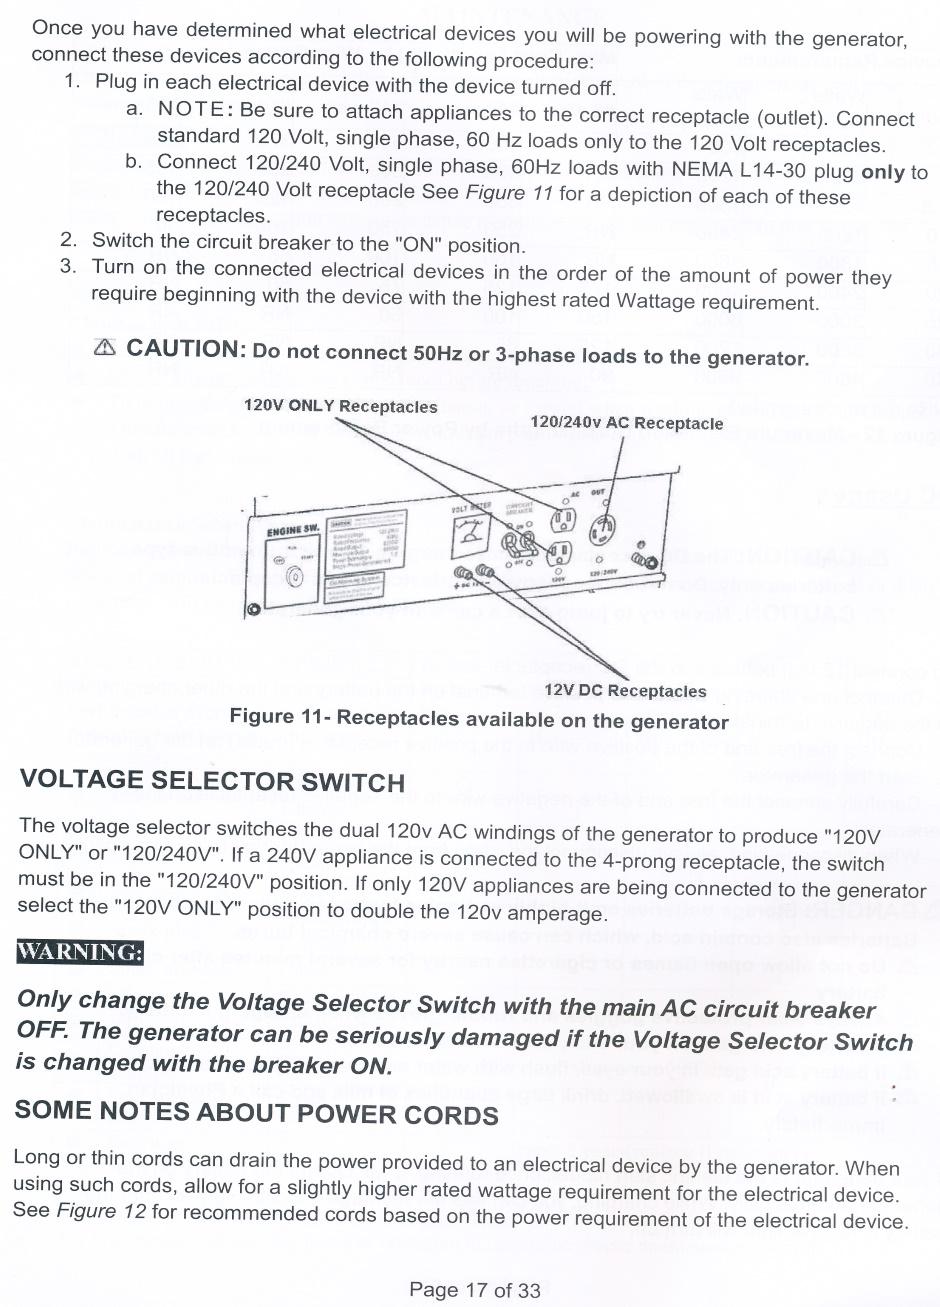 Electrical Generator Duromax Wiring Diagram